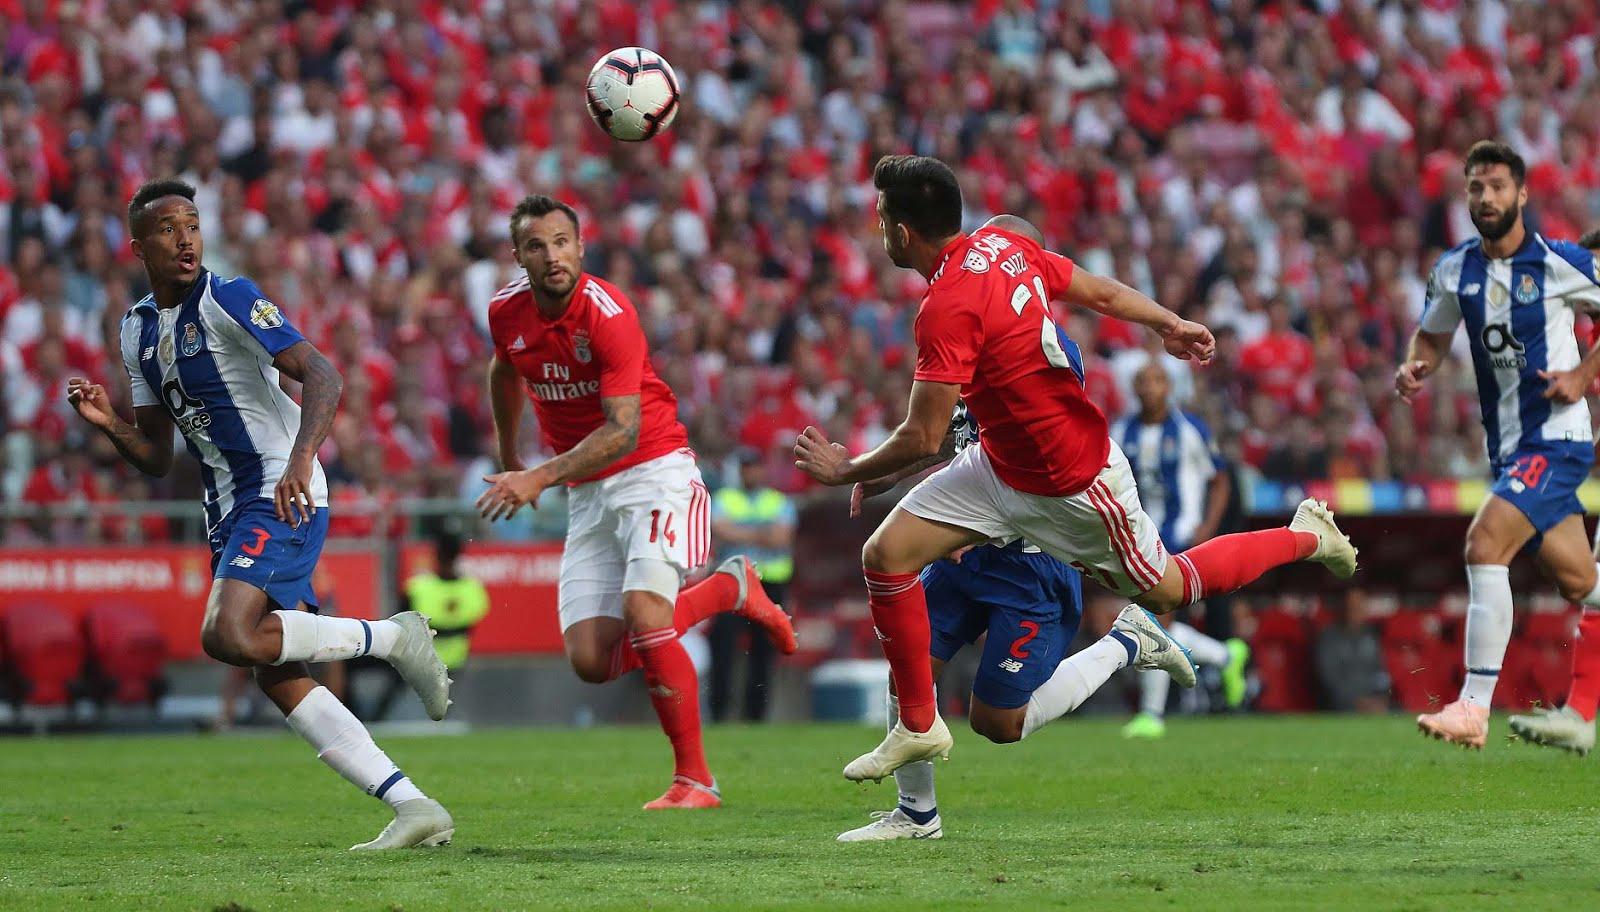 ab0ae3d8d8 ... mas a vitória no Clássico frente ao Porto assenta-nos muito bem. Num  jogo equilibrado foi o Benfica quem foi aquele bocadinho melhor para vencer  o jogo.